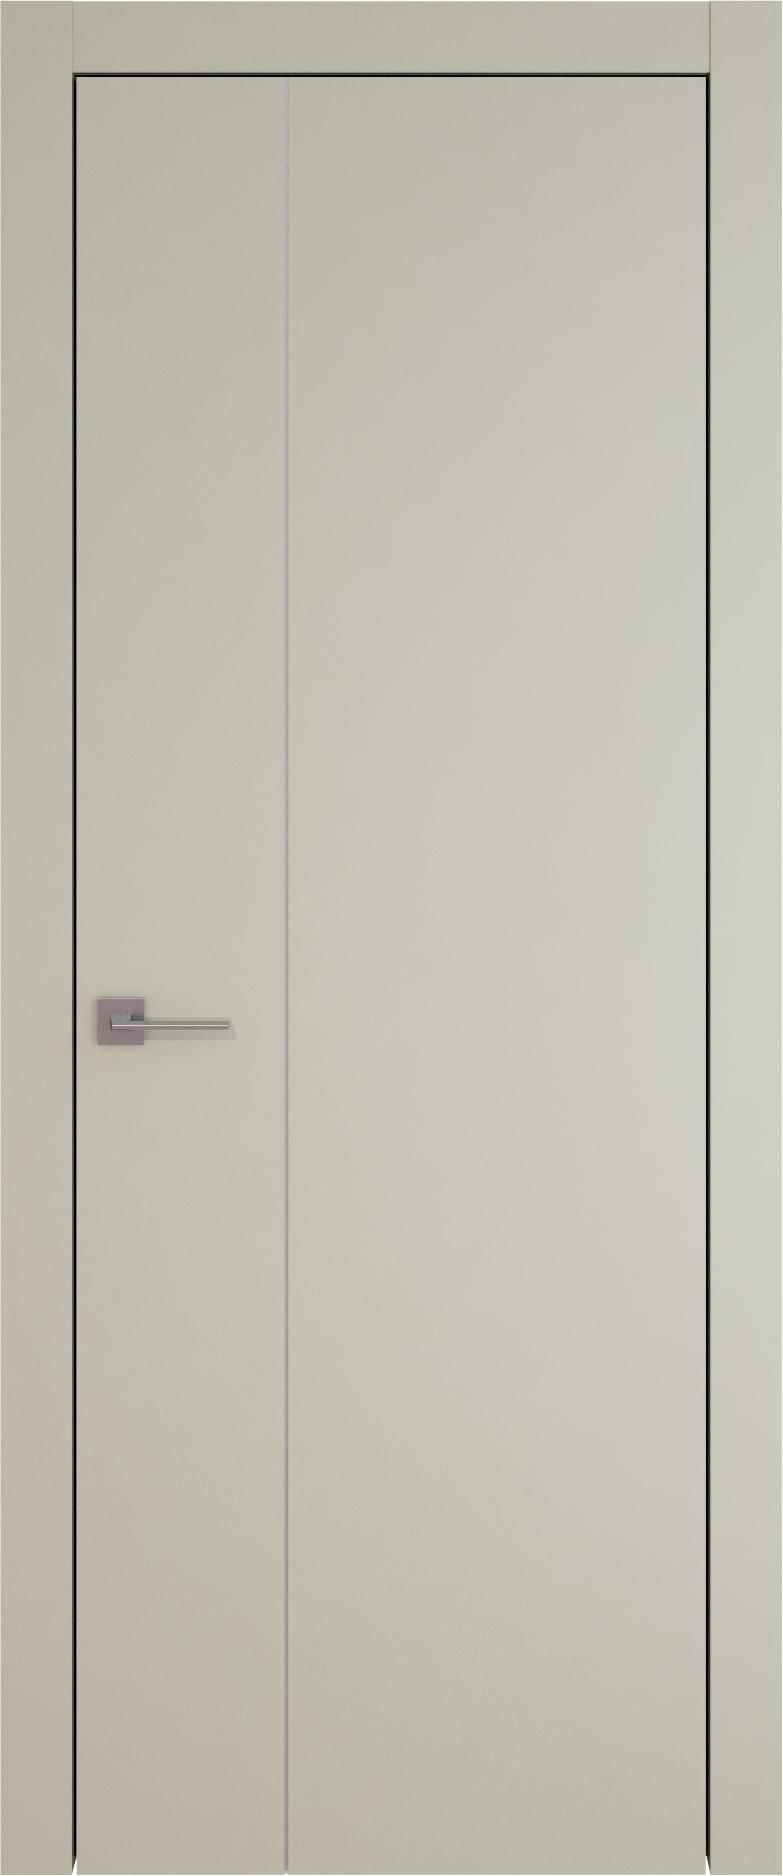 Tivoli В-1 цвет - Серо-оливковая эмаль (RAL 7032) Без стекла (ДГ)